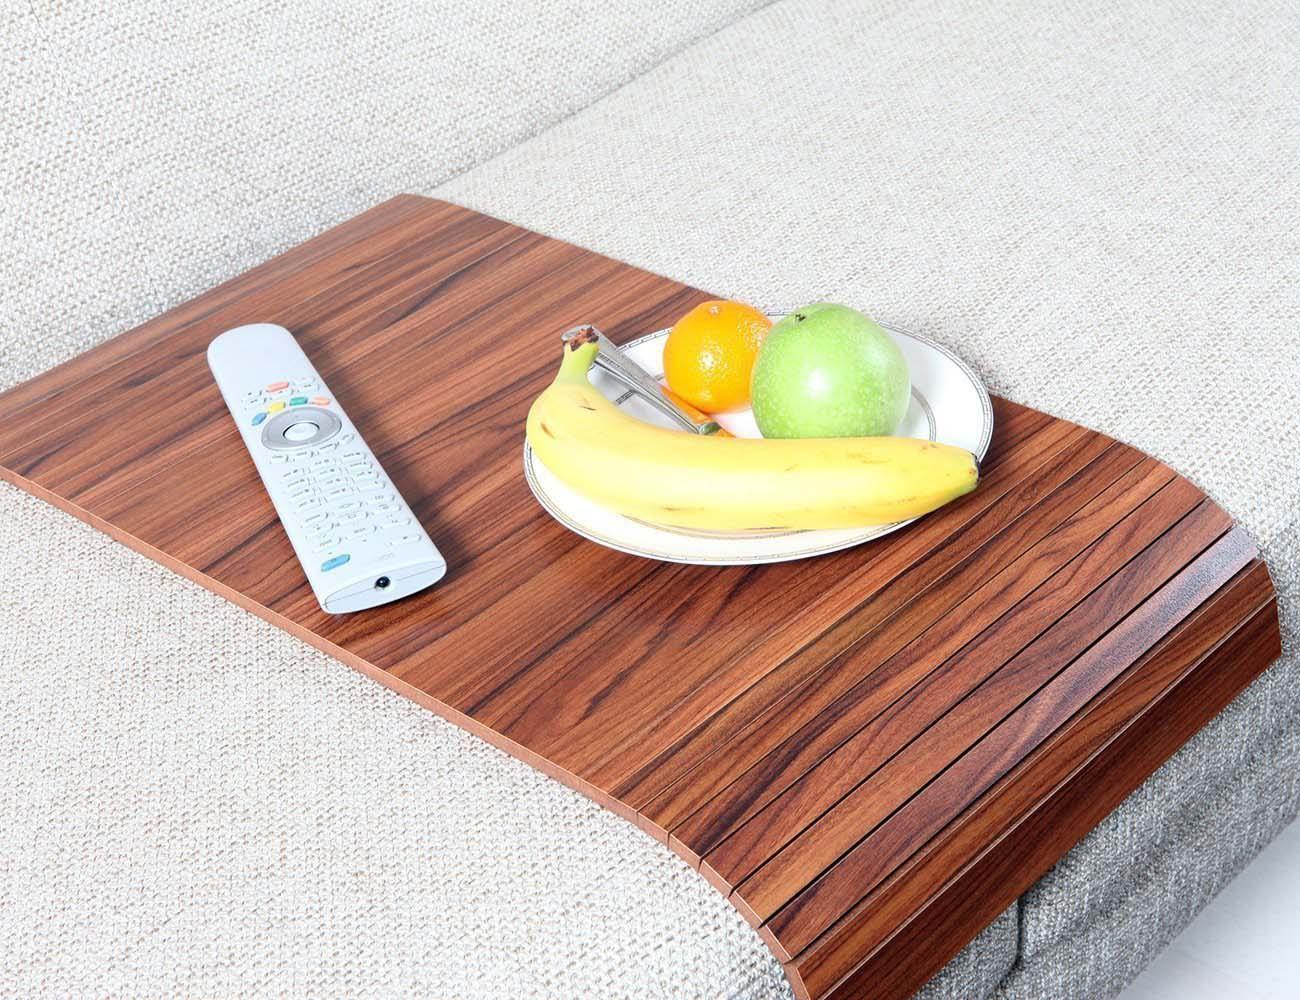 Sofa Tray Table